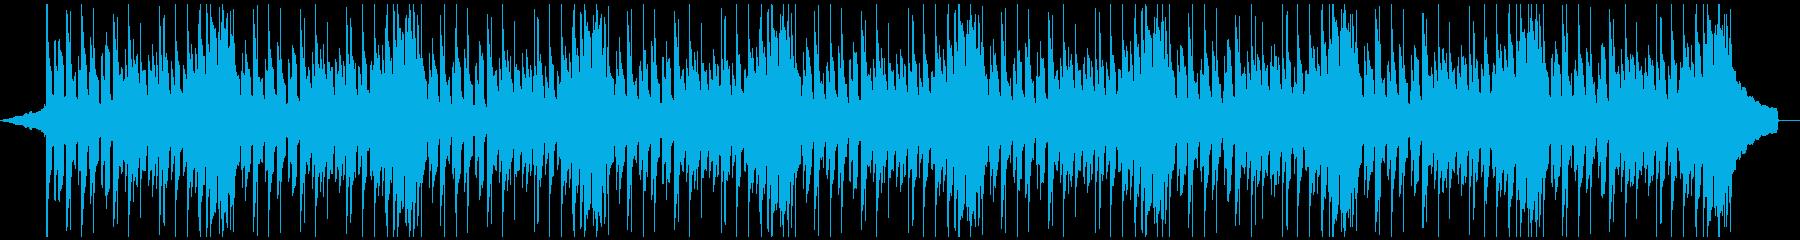 勢いのあるピアノ童謡カバーの再生済みの波形